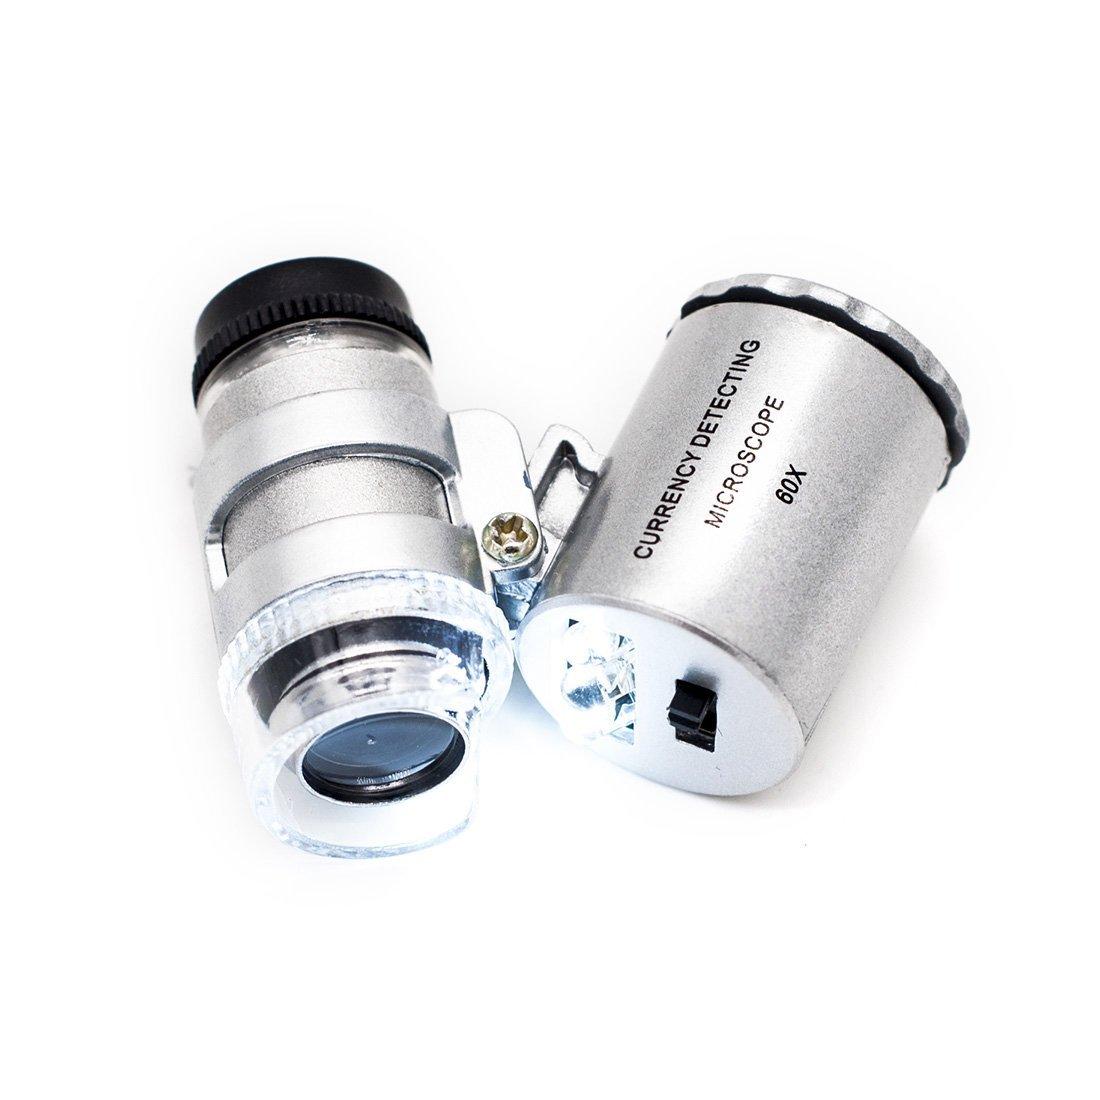 JLERU Mini microscopio LED 60x tascabile per gioielliere lente di ingrandimento